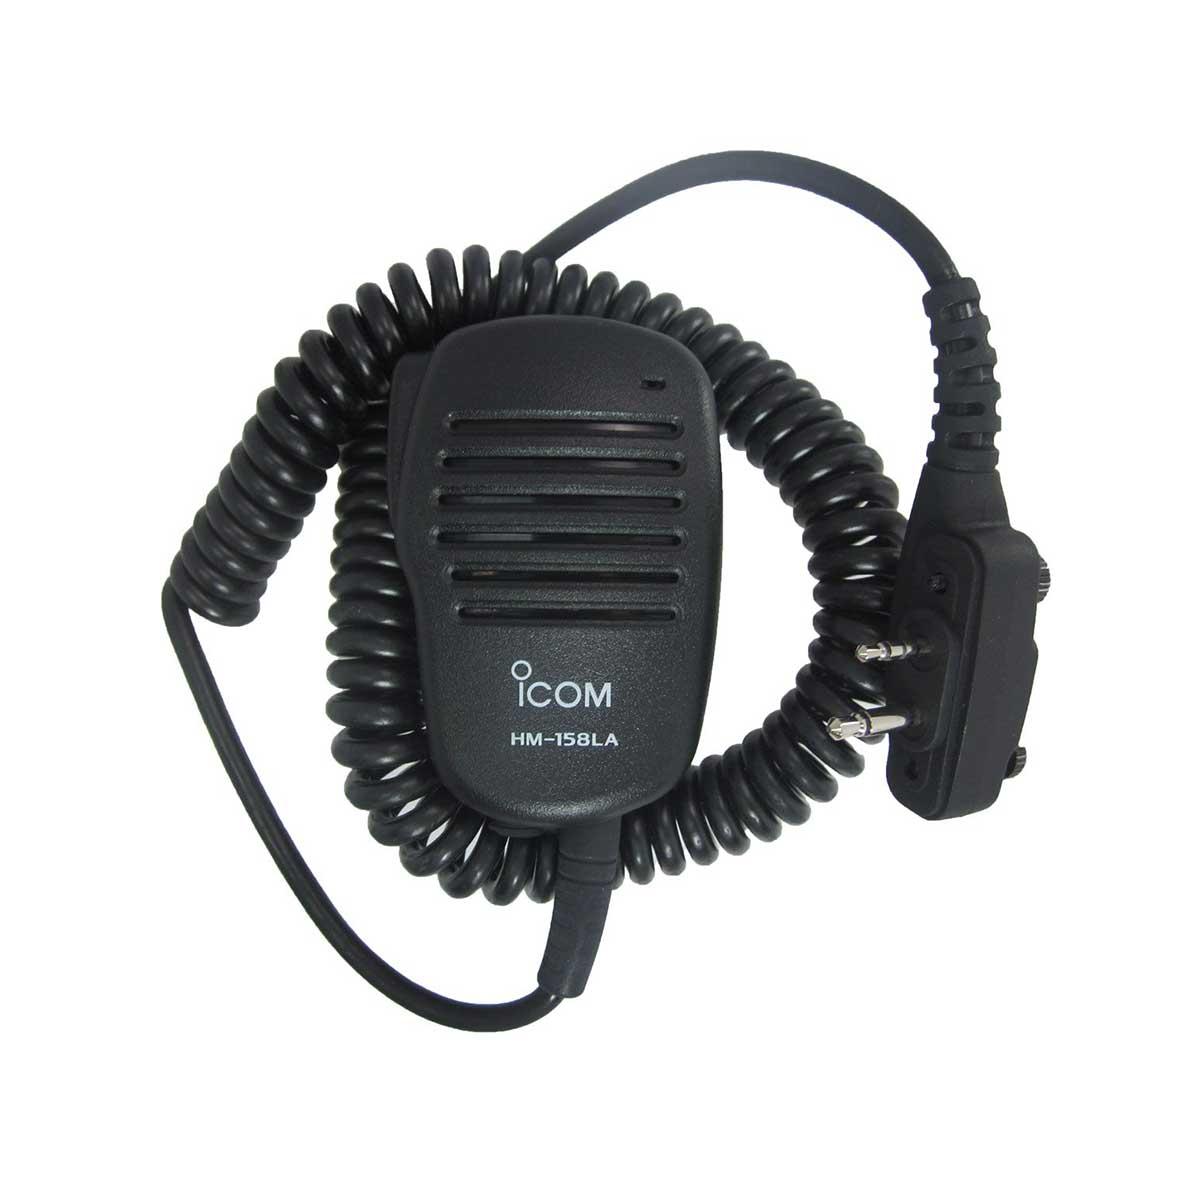 Micrófono Icom parlante de solapa HM-158LA